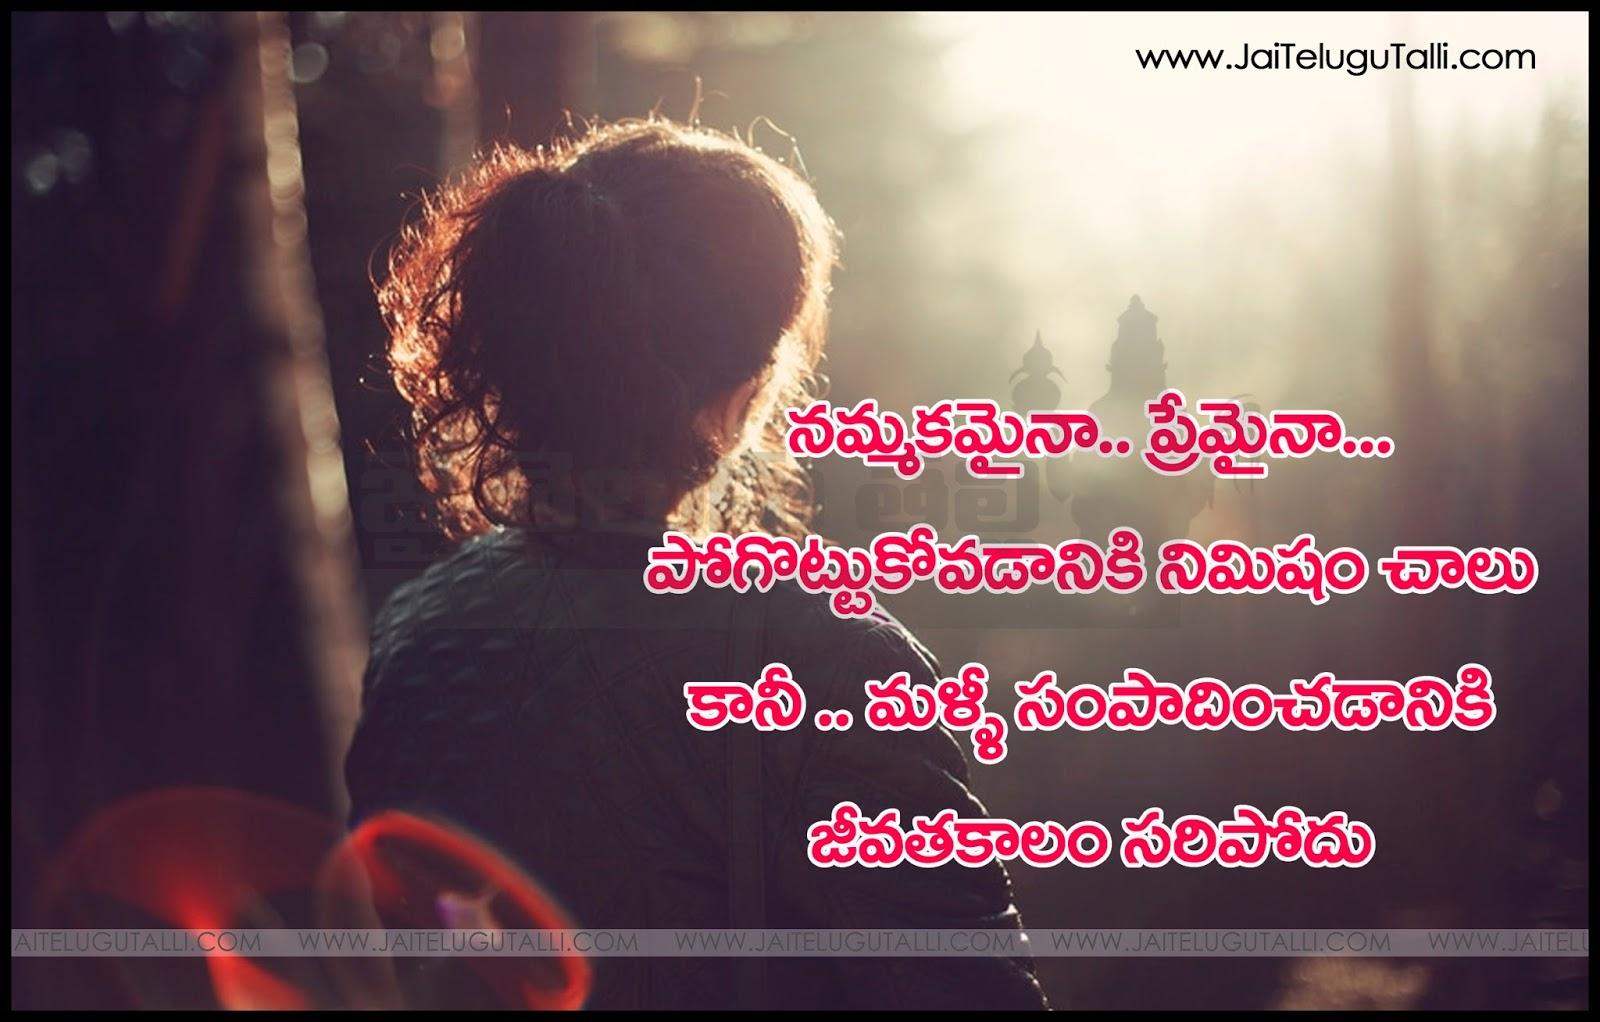 Imagenes De Best Quotes Love In Telugu